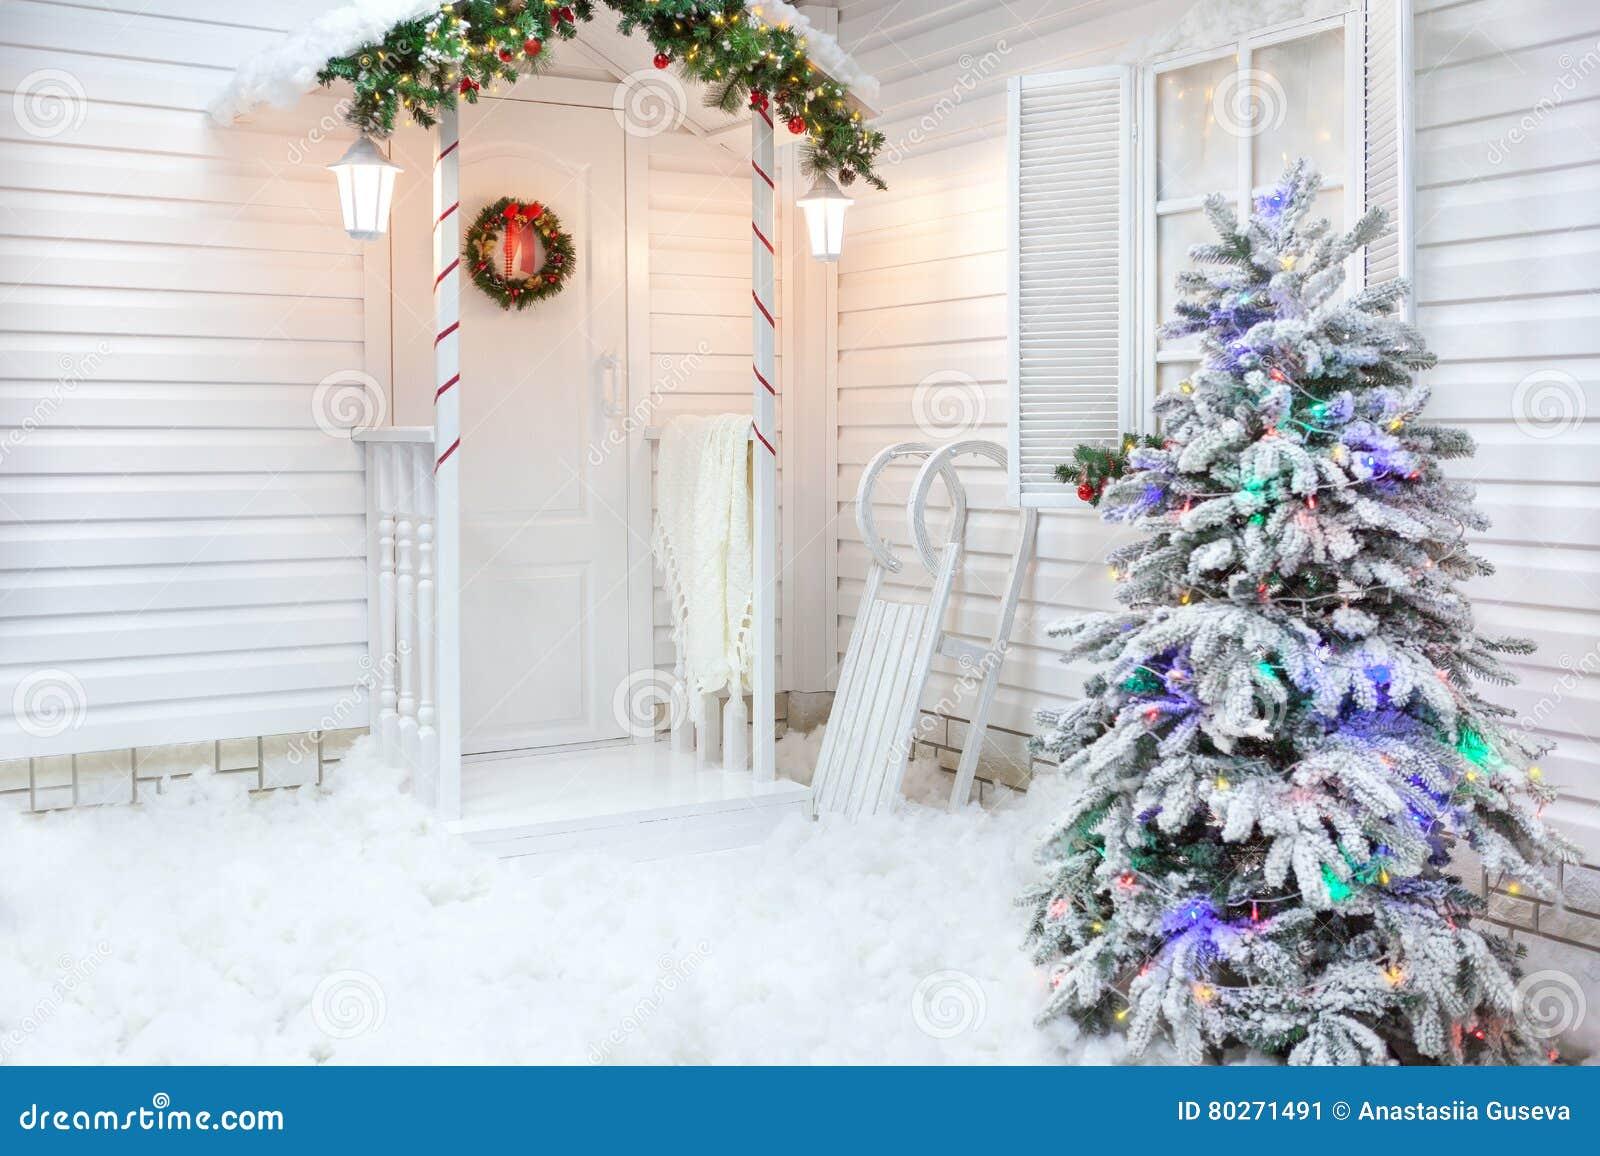 Χειμώνας εξωτερικός ενός εξοχικού σπιτιού με τις διακοσμήσεις Χριστουγέννων στο αμερικανικό ύφος